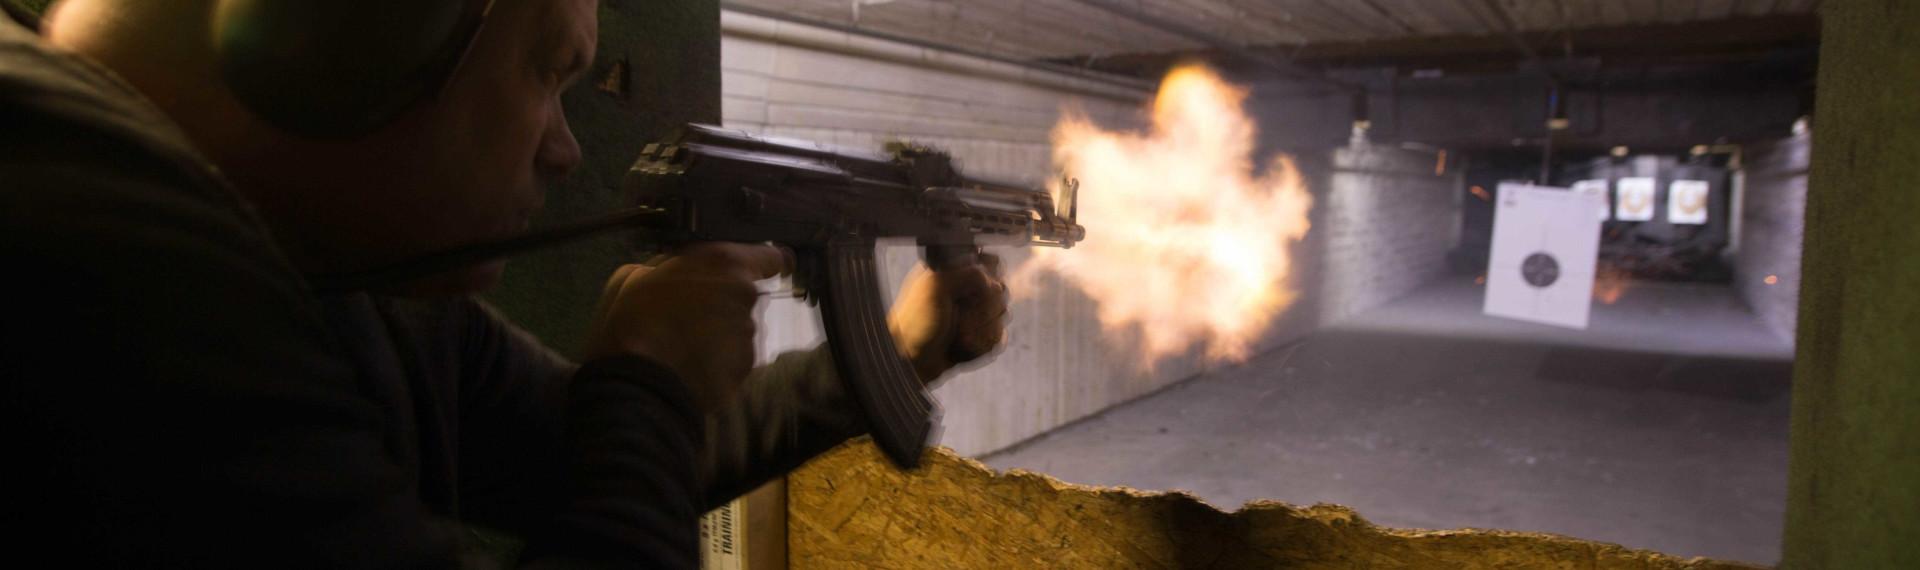 AK-47 schießen Budapest